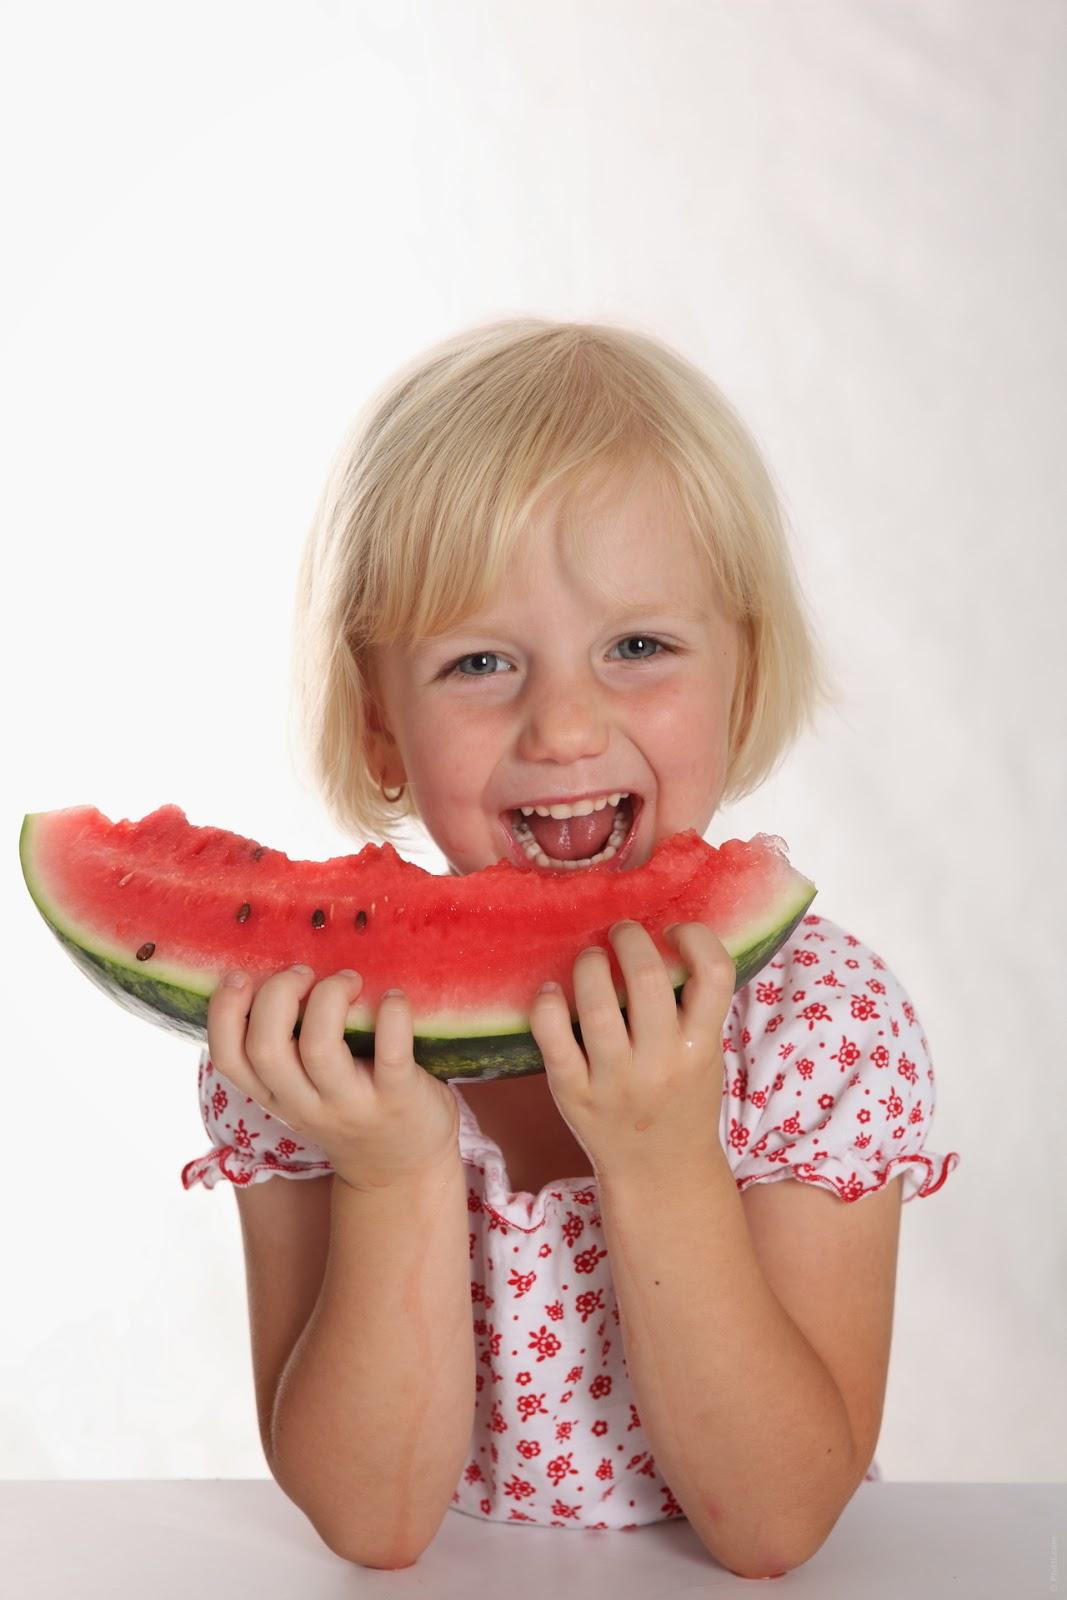 el acido urico provoca fiebre acido urico alimentos que no se pueden comer que hace subir el acido urico